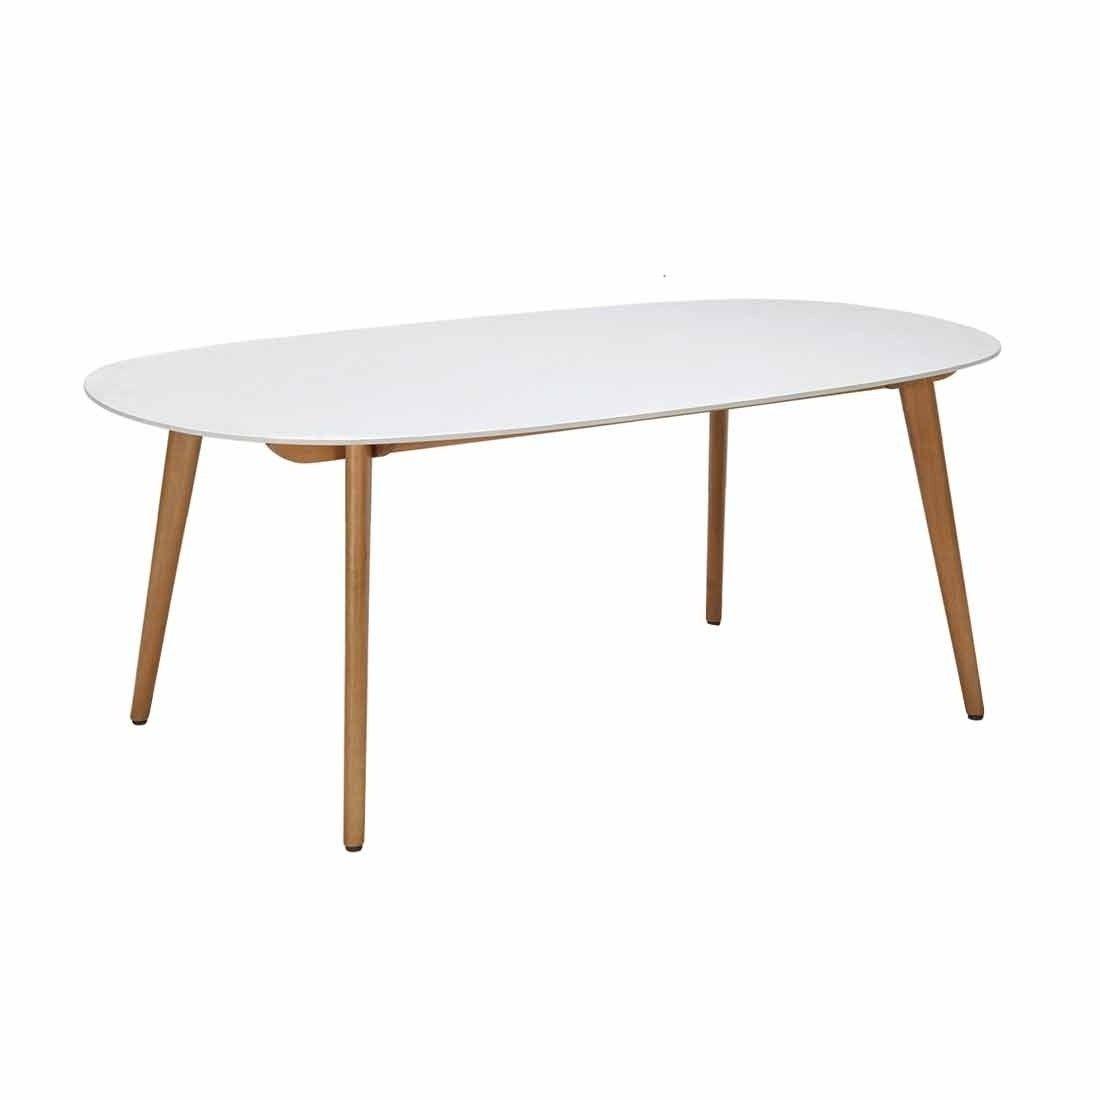 Lifestylegarden Montreux Tisch 190x105 Cm Oval Eukalyptus Duranit Weiss Gartentisch Holz Outdoor Tisch Tisch